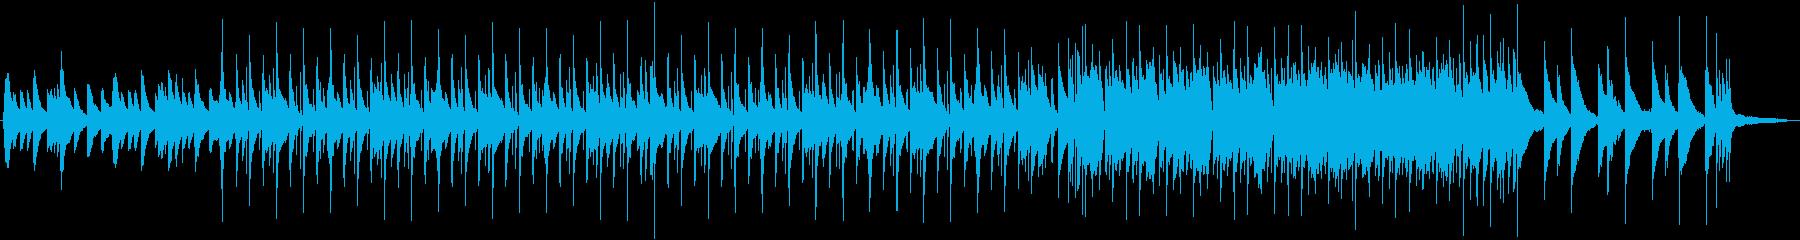 切ない和風ピアノメロとどっしりしたビートの再生済みの波形